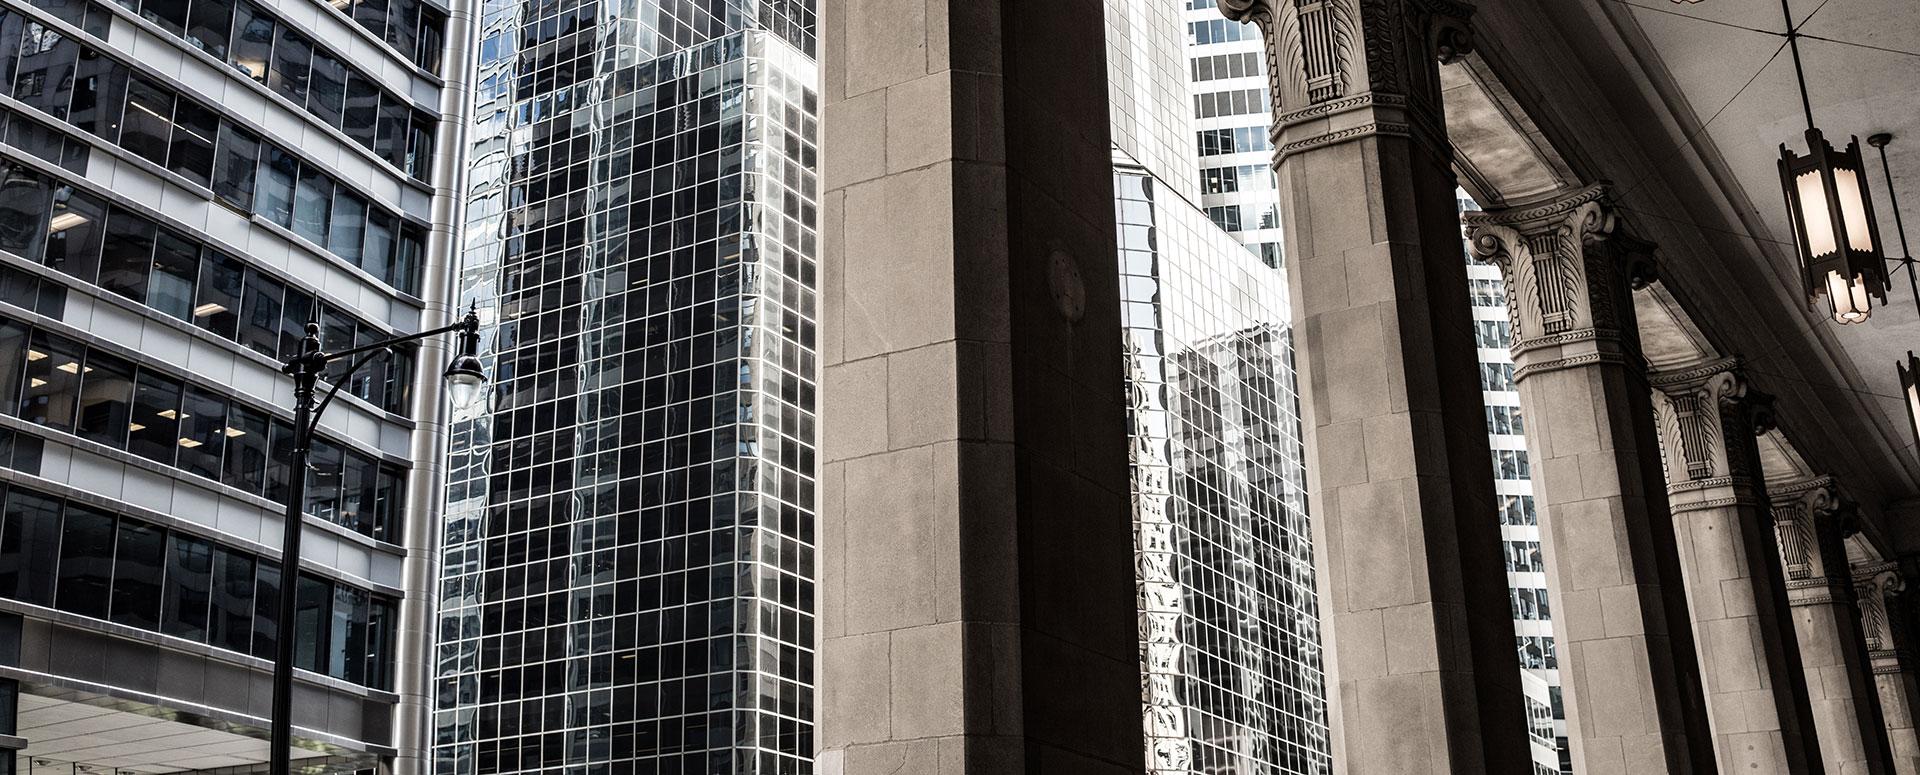 City building columns